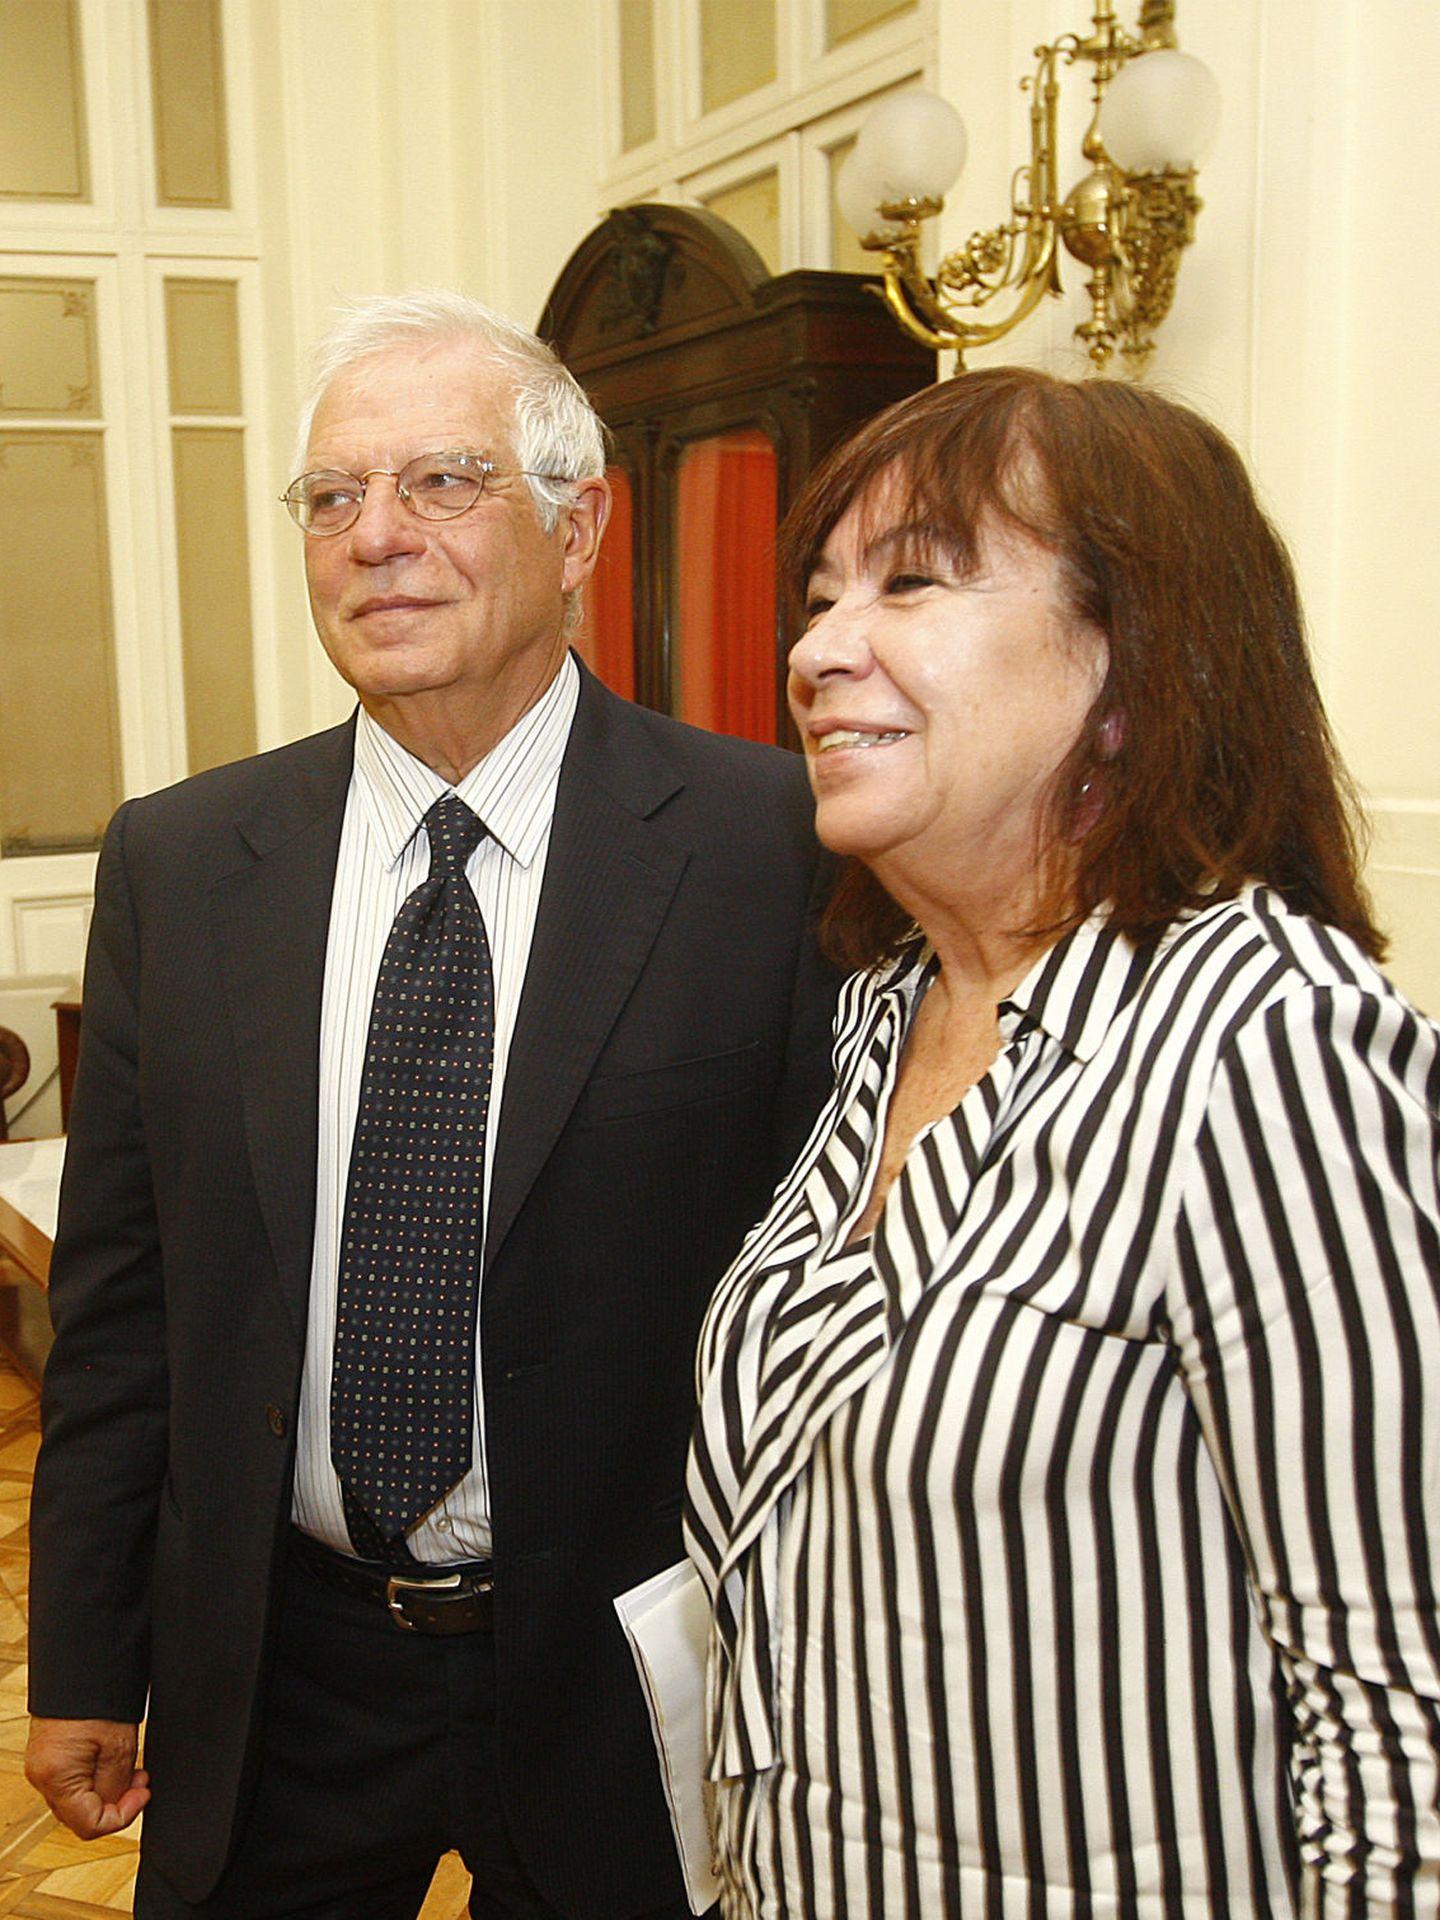 El expresidente del Parlamento Europeo Josep Borrell y su pareja Cristina Narbona, en 2017. (EFE)